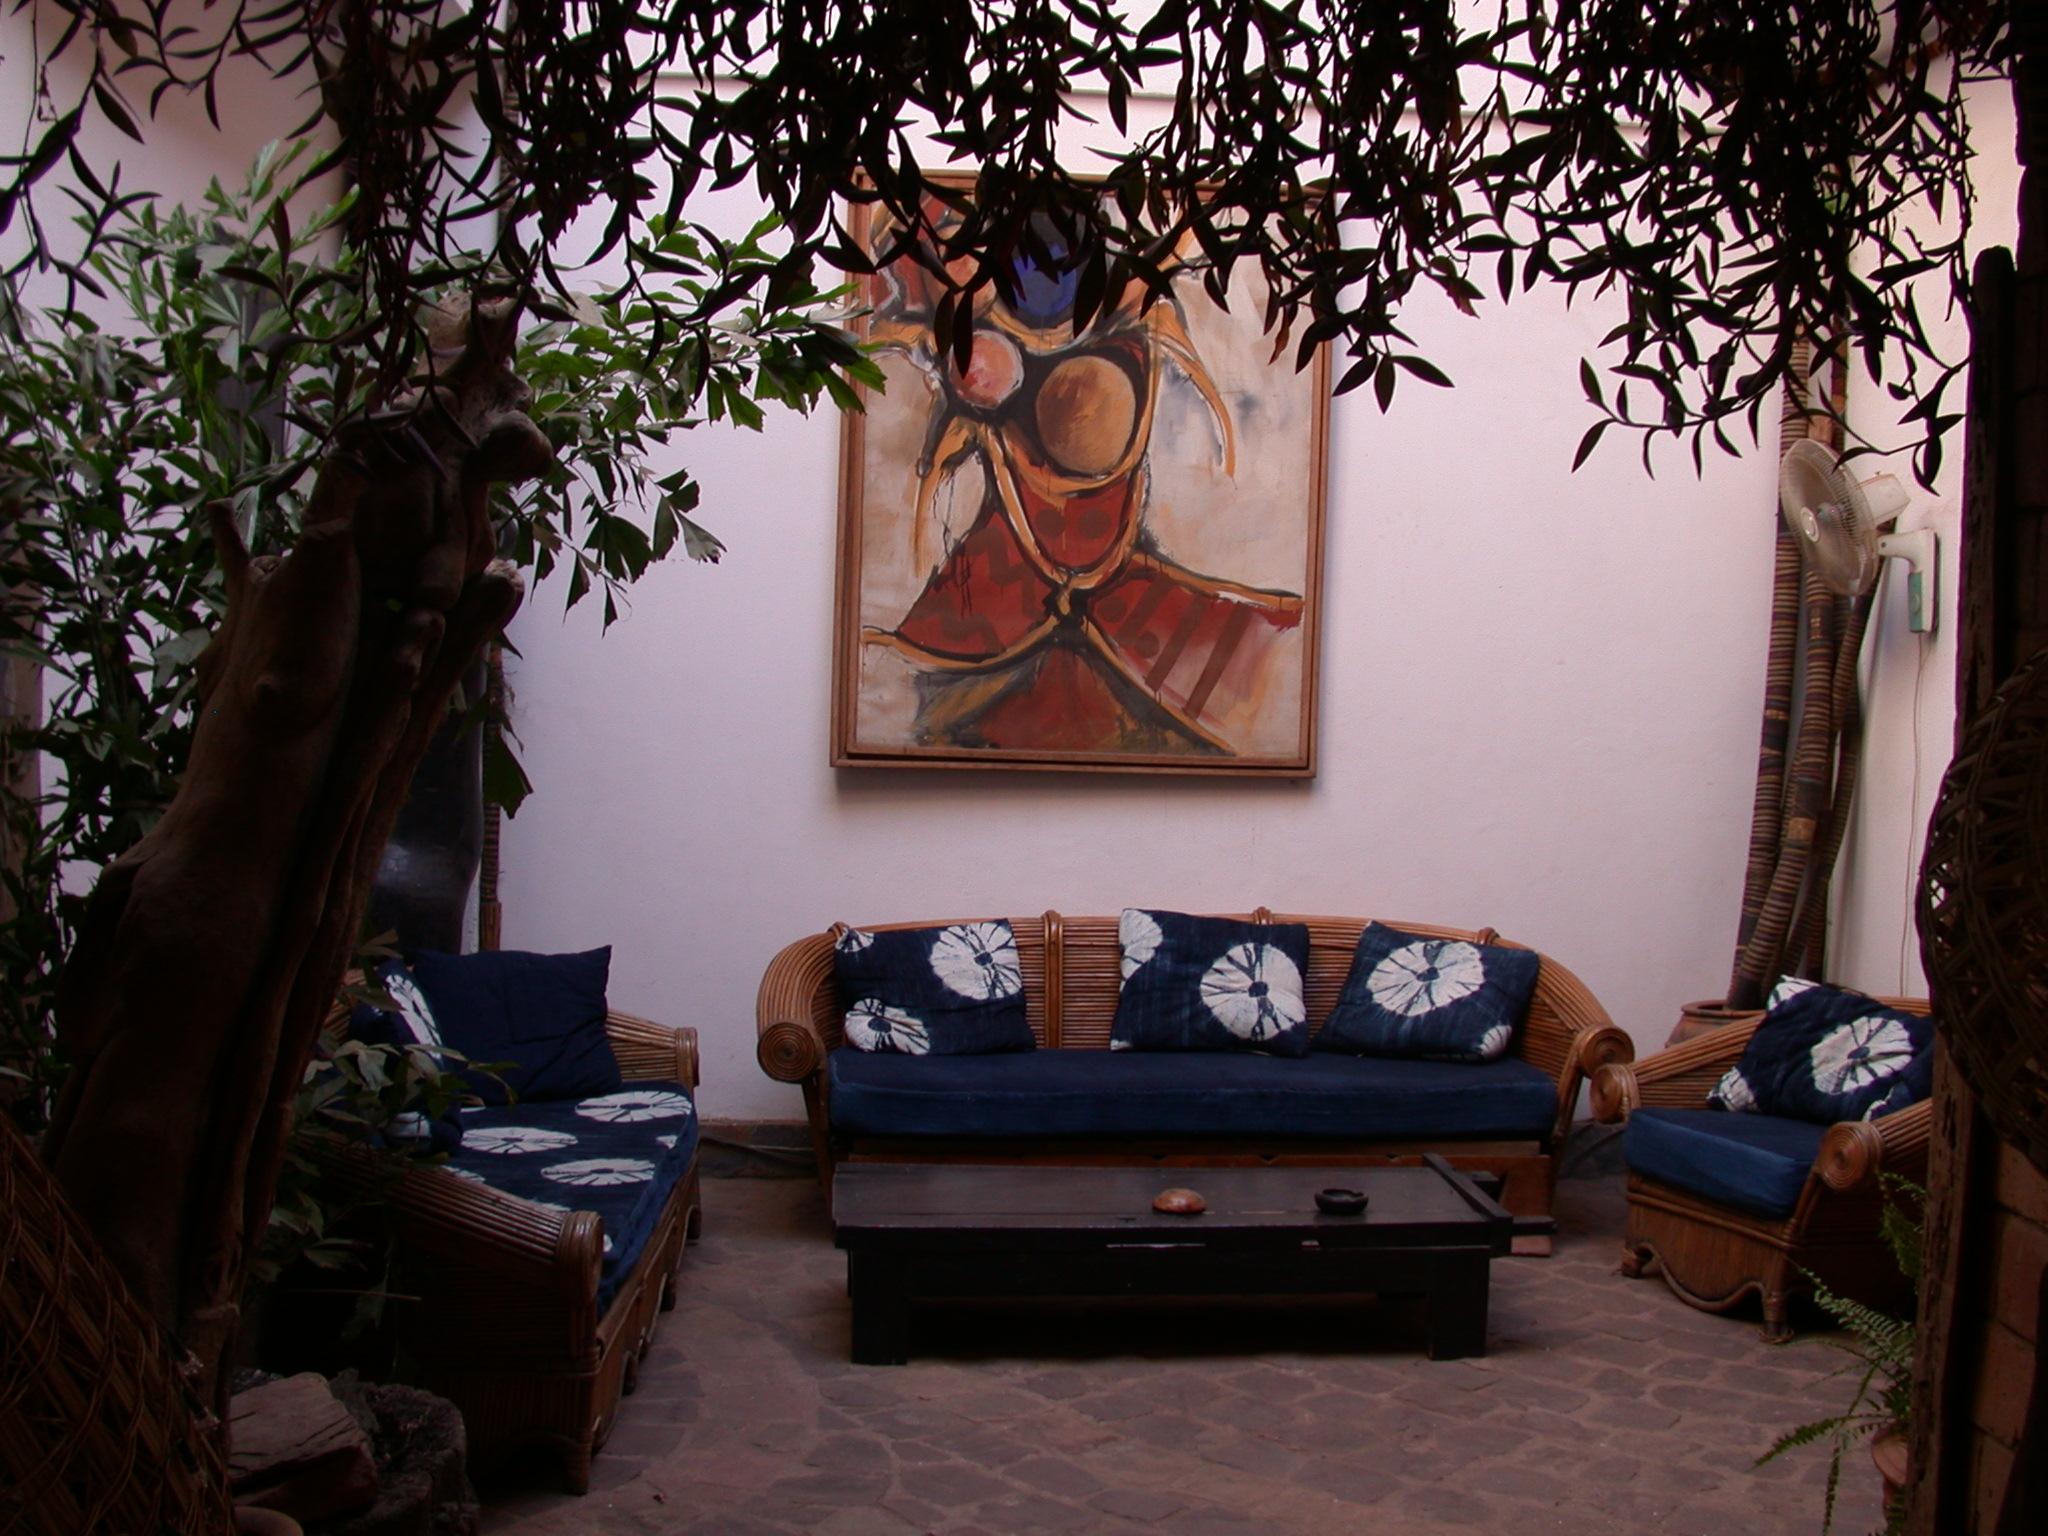 Rear Salon, Hotel Djenne, Bamako, Mali